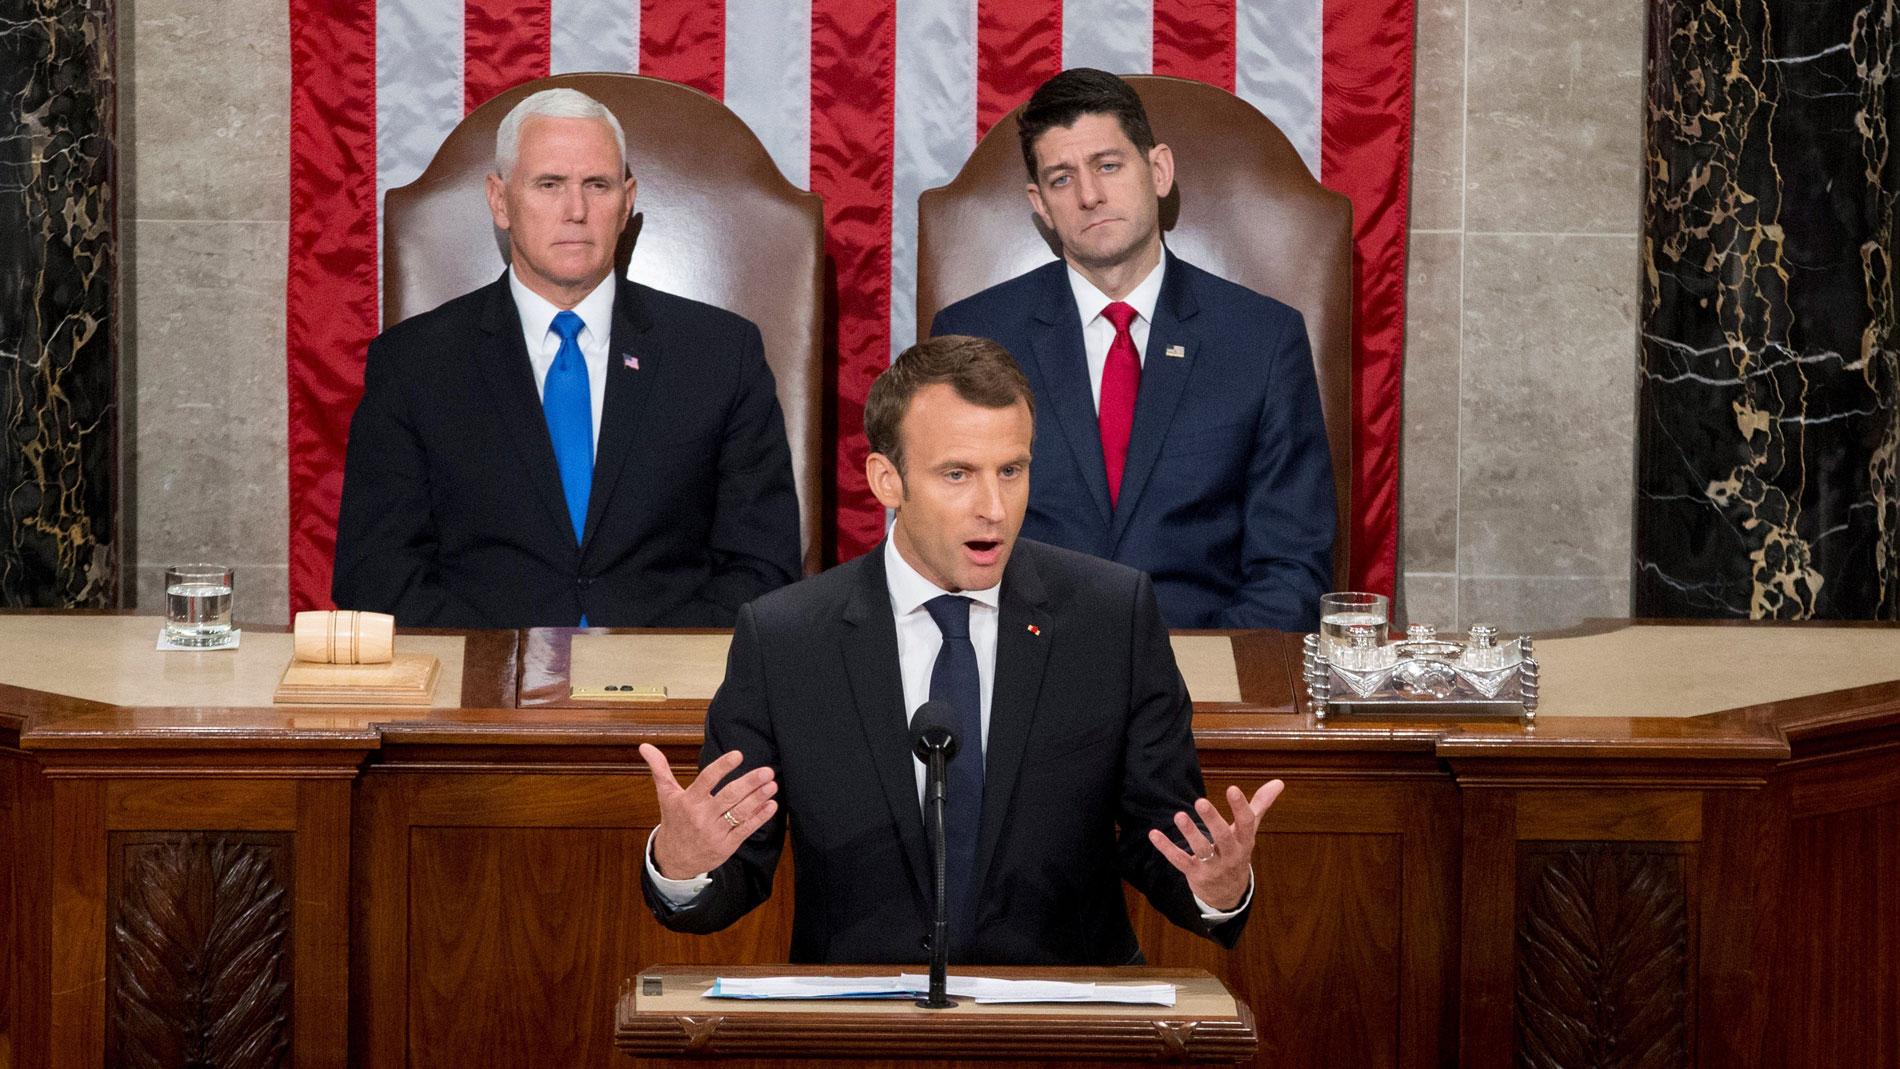 Macron marca diferencias con Trump en su discurso ante el Congreso de EE.UU.